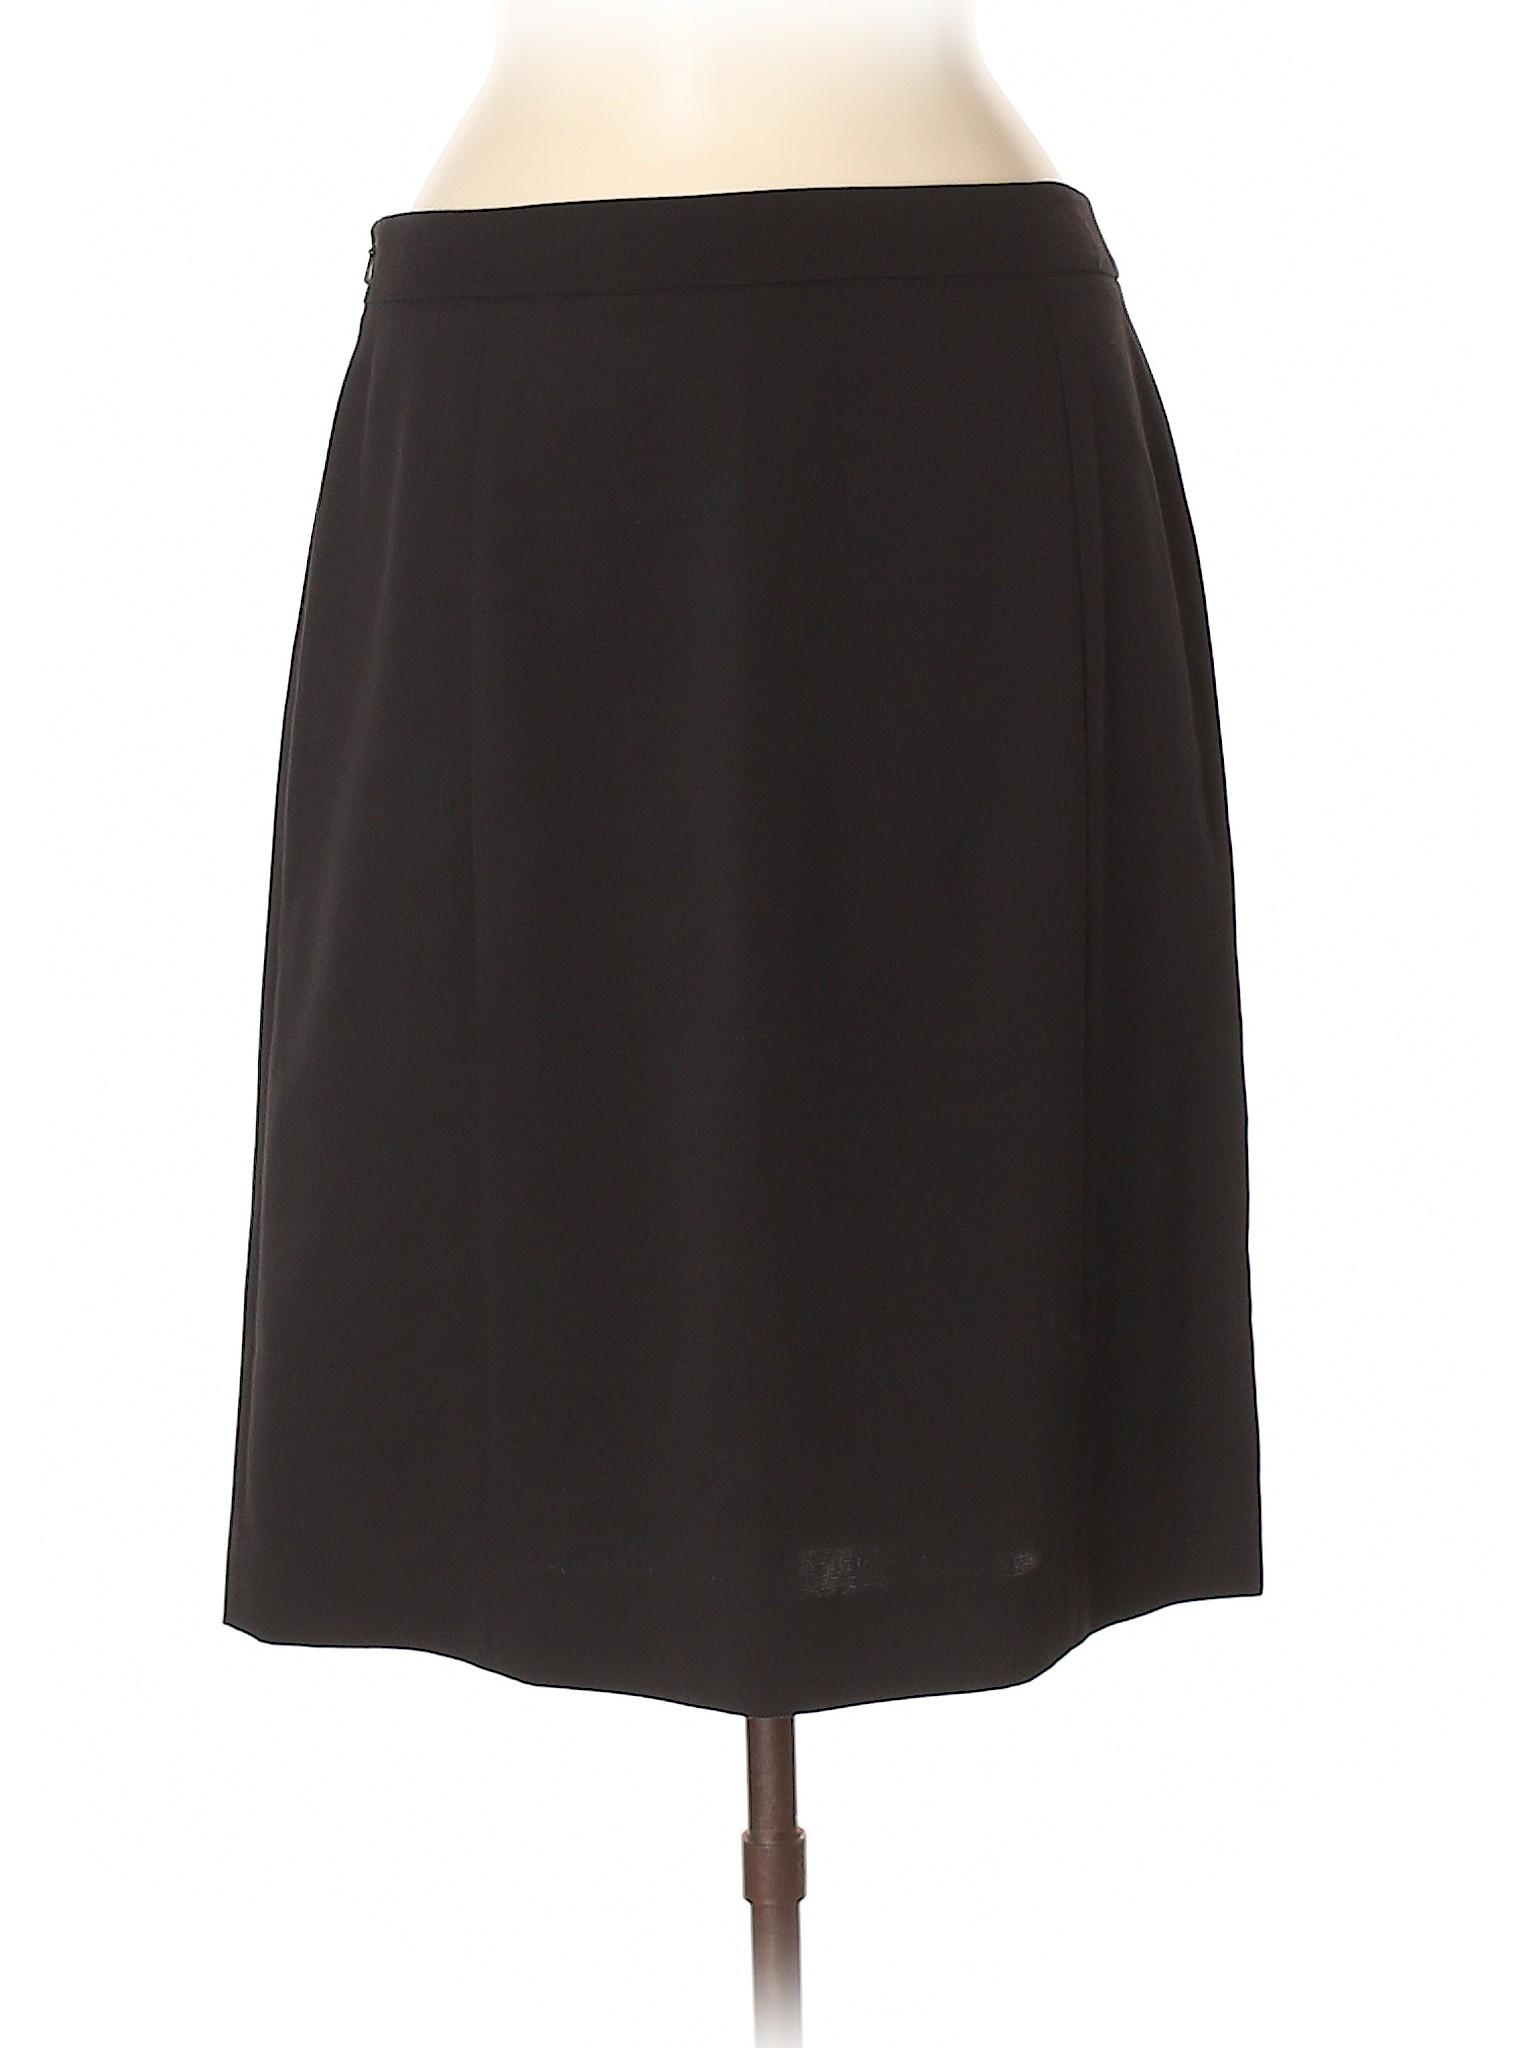 Doncaster Boutique Boutique Skirt Casual Doncaster Casual Boutique Skirt Boutique Skirt Casual Doncaster w0q48g